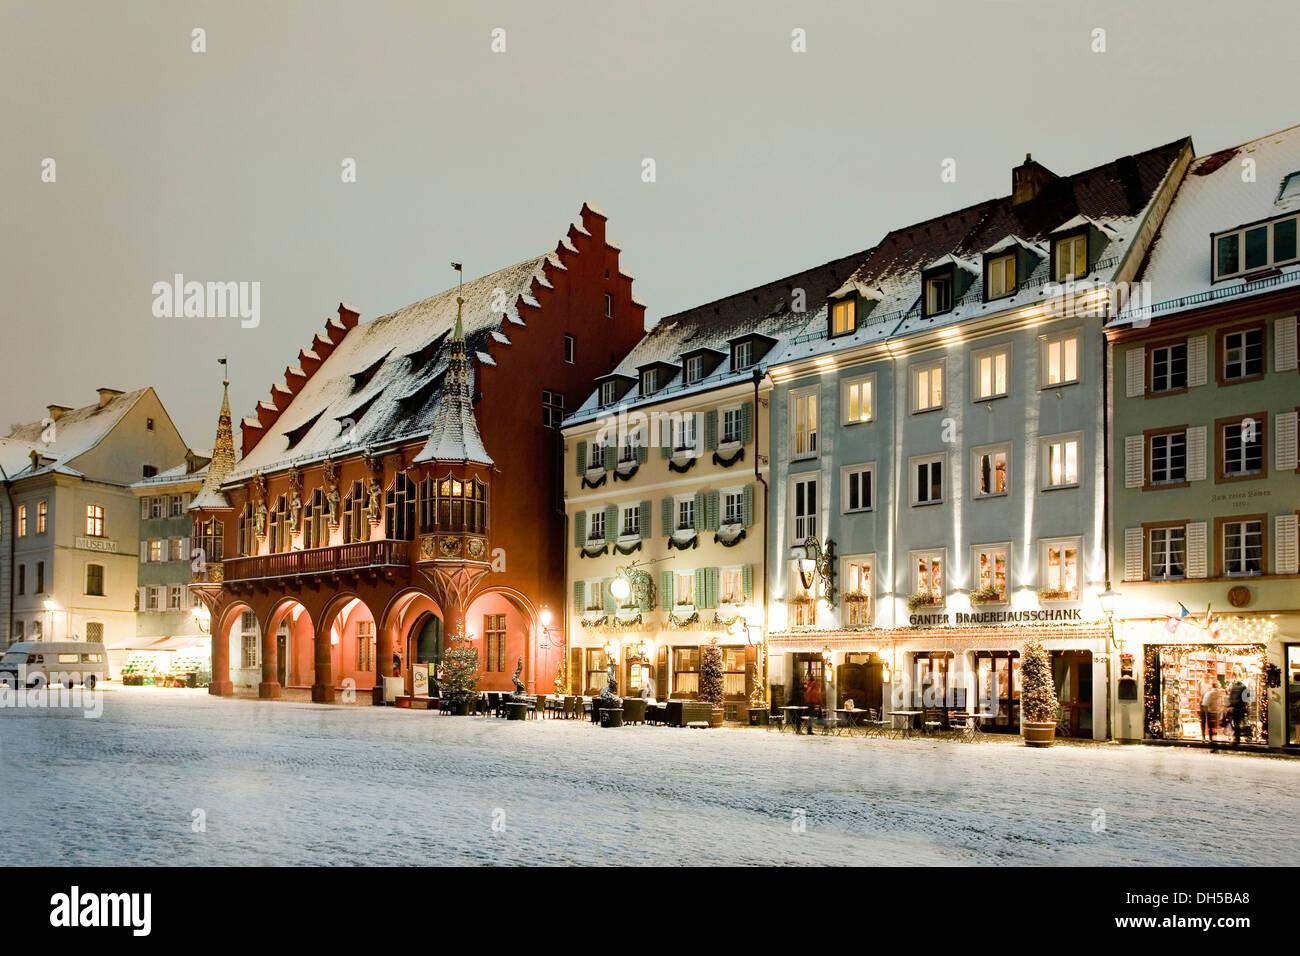 muensterplatz platz im winter freiburg freiburg im breisgau baden w rttemberg deutschland. Black Bedroom Furniture Sets. Home Design Ideas